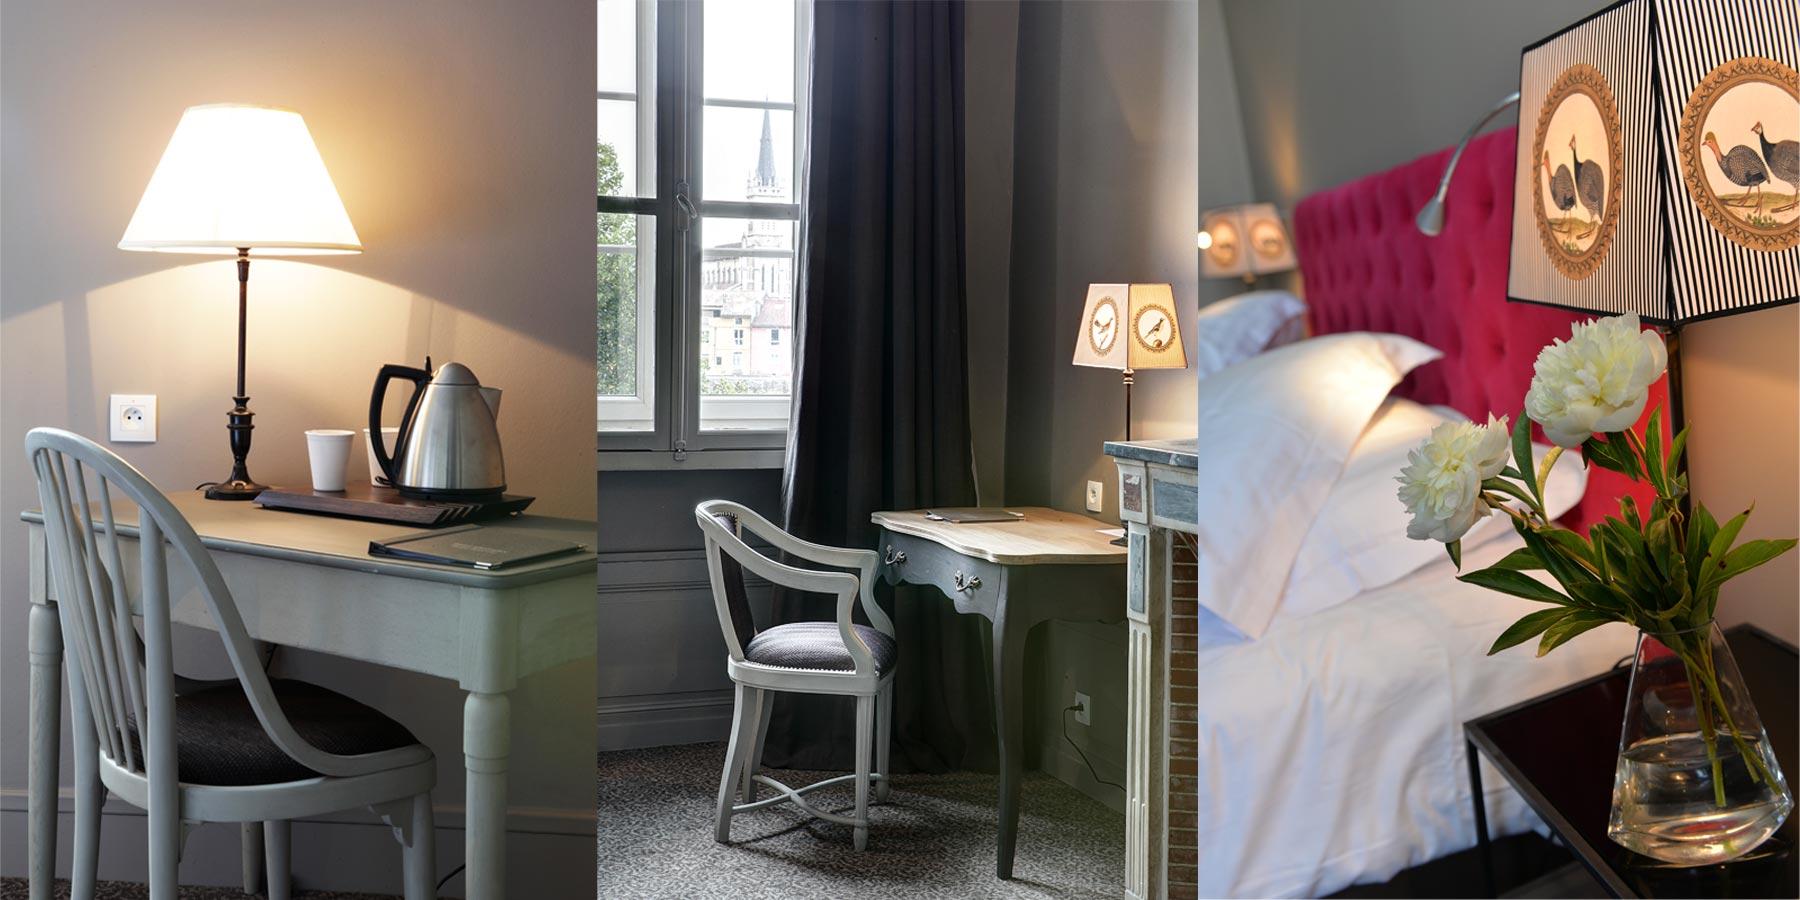 Hotel d'Europe et d'Angleterre à Mâcon, les chambres